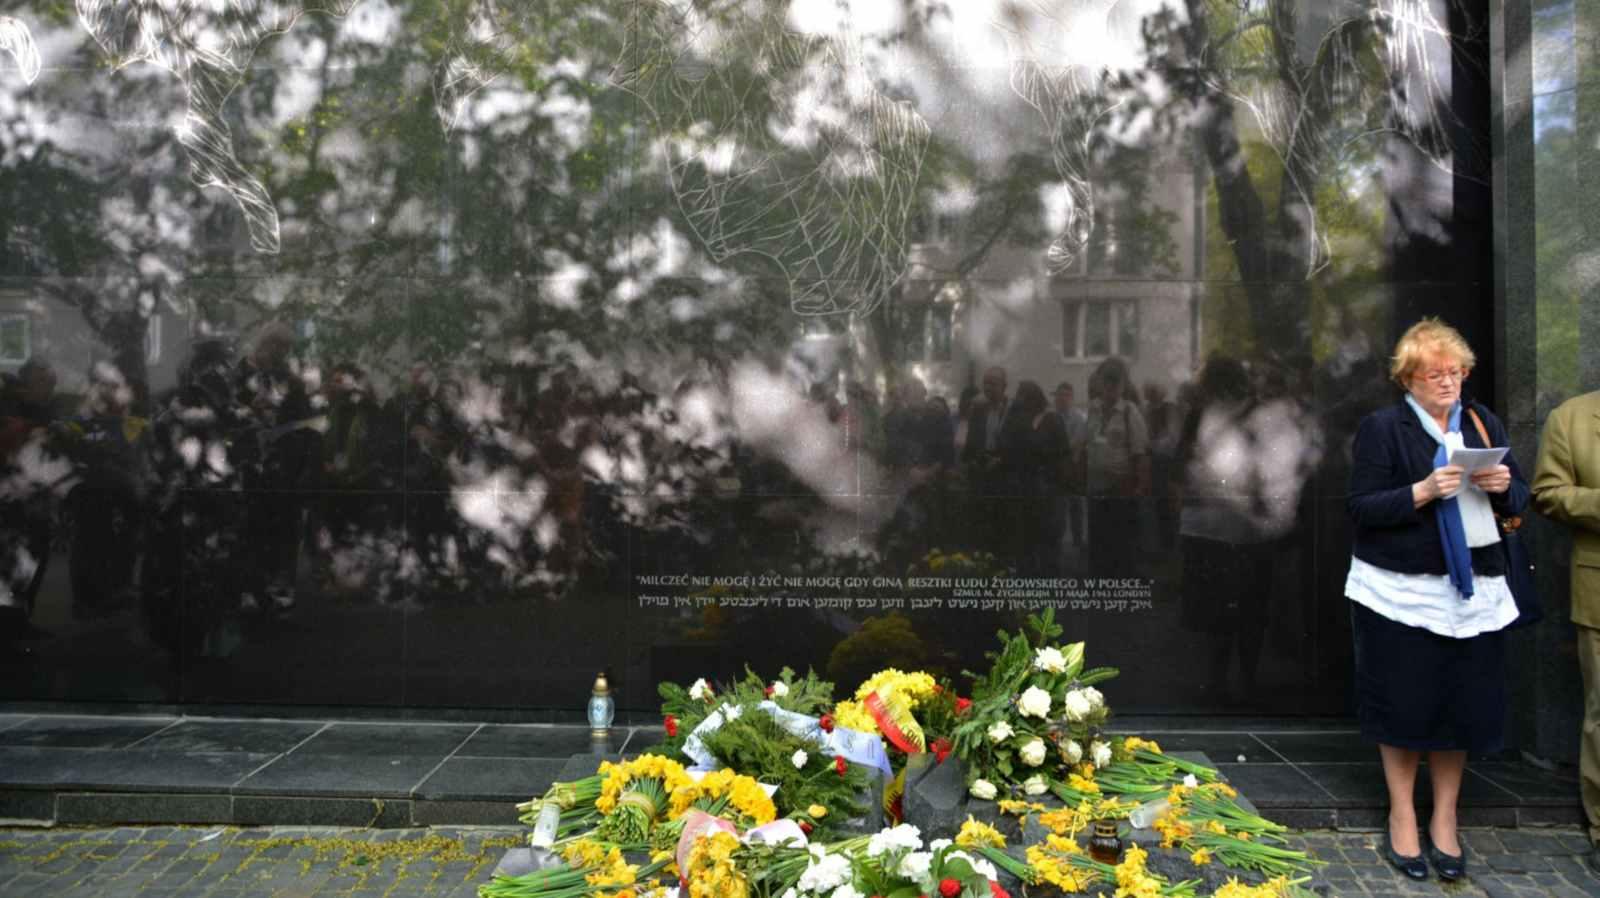 Przy Pomniku – Kamieniu Pamięci Szmula Zygielbojma